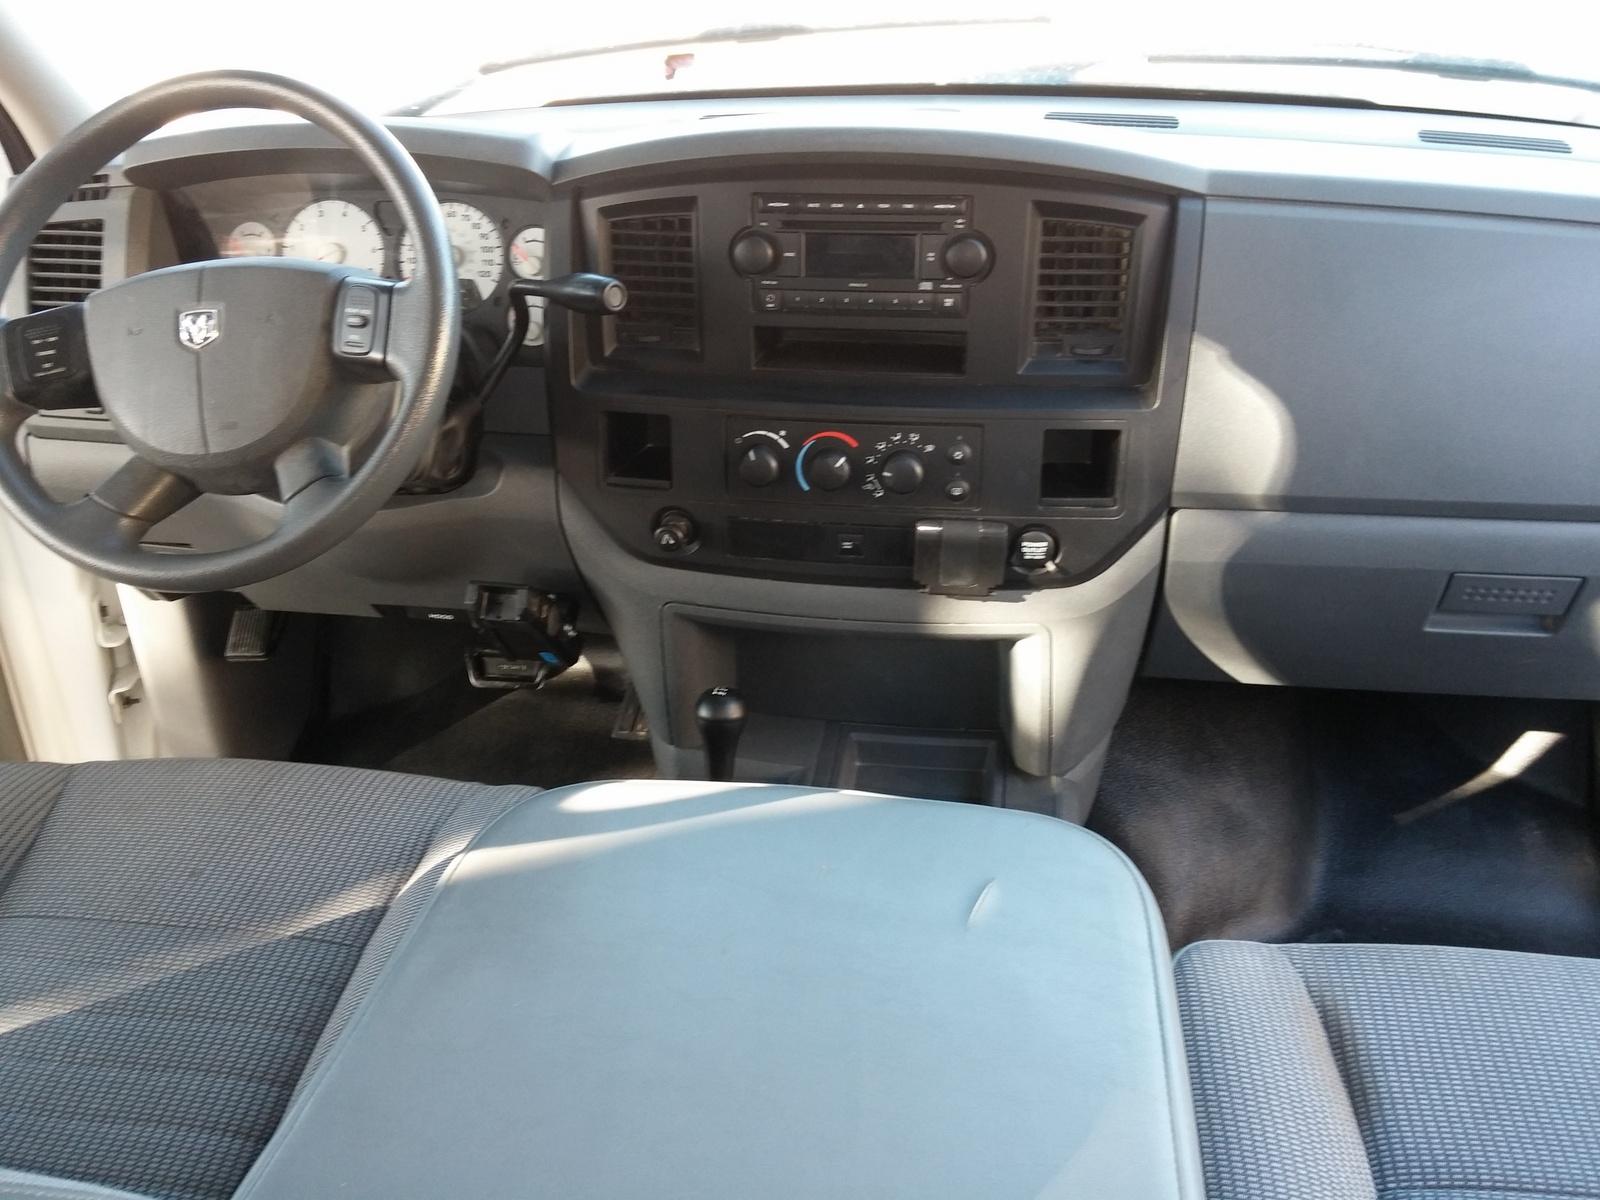 2008 Dodge Ram Pickup 2500 Interior Pictures Cargurus